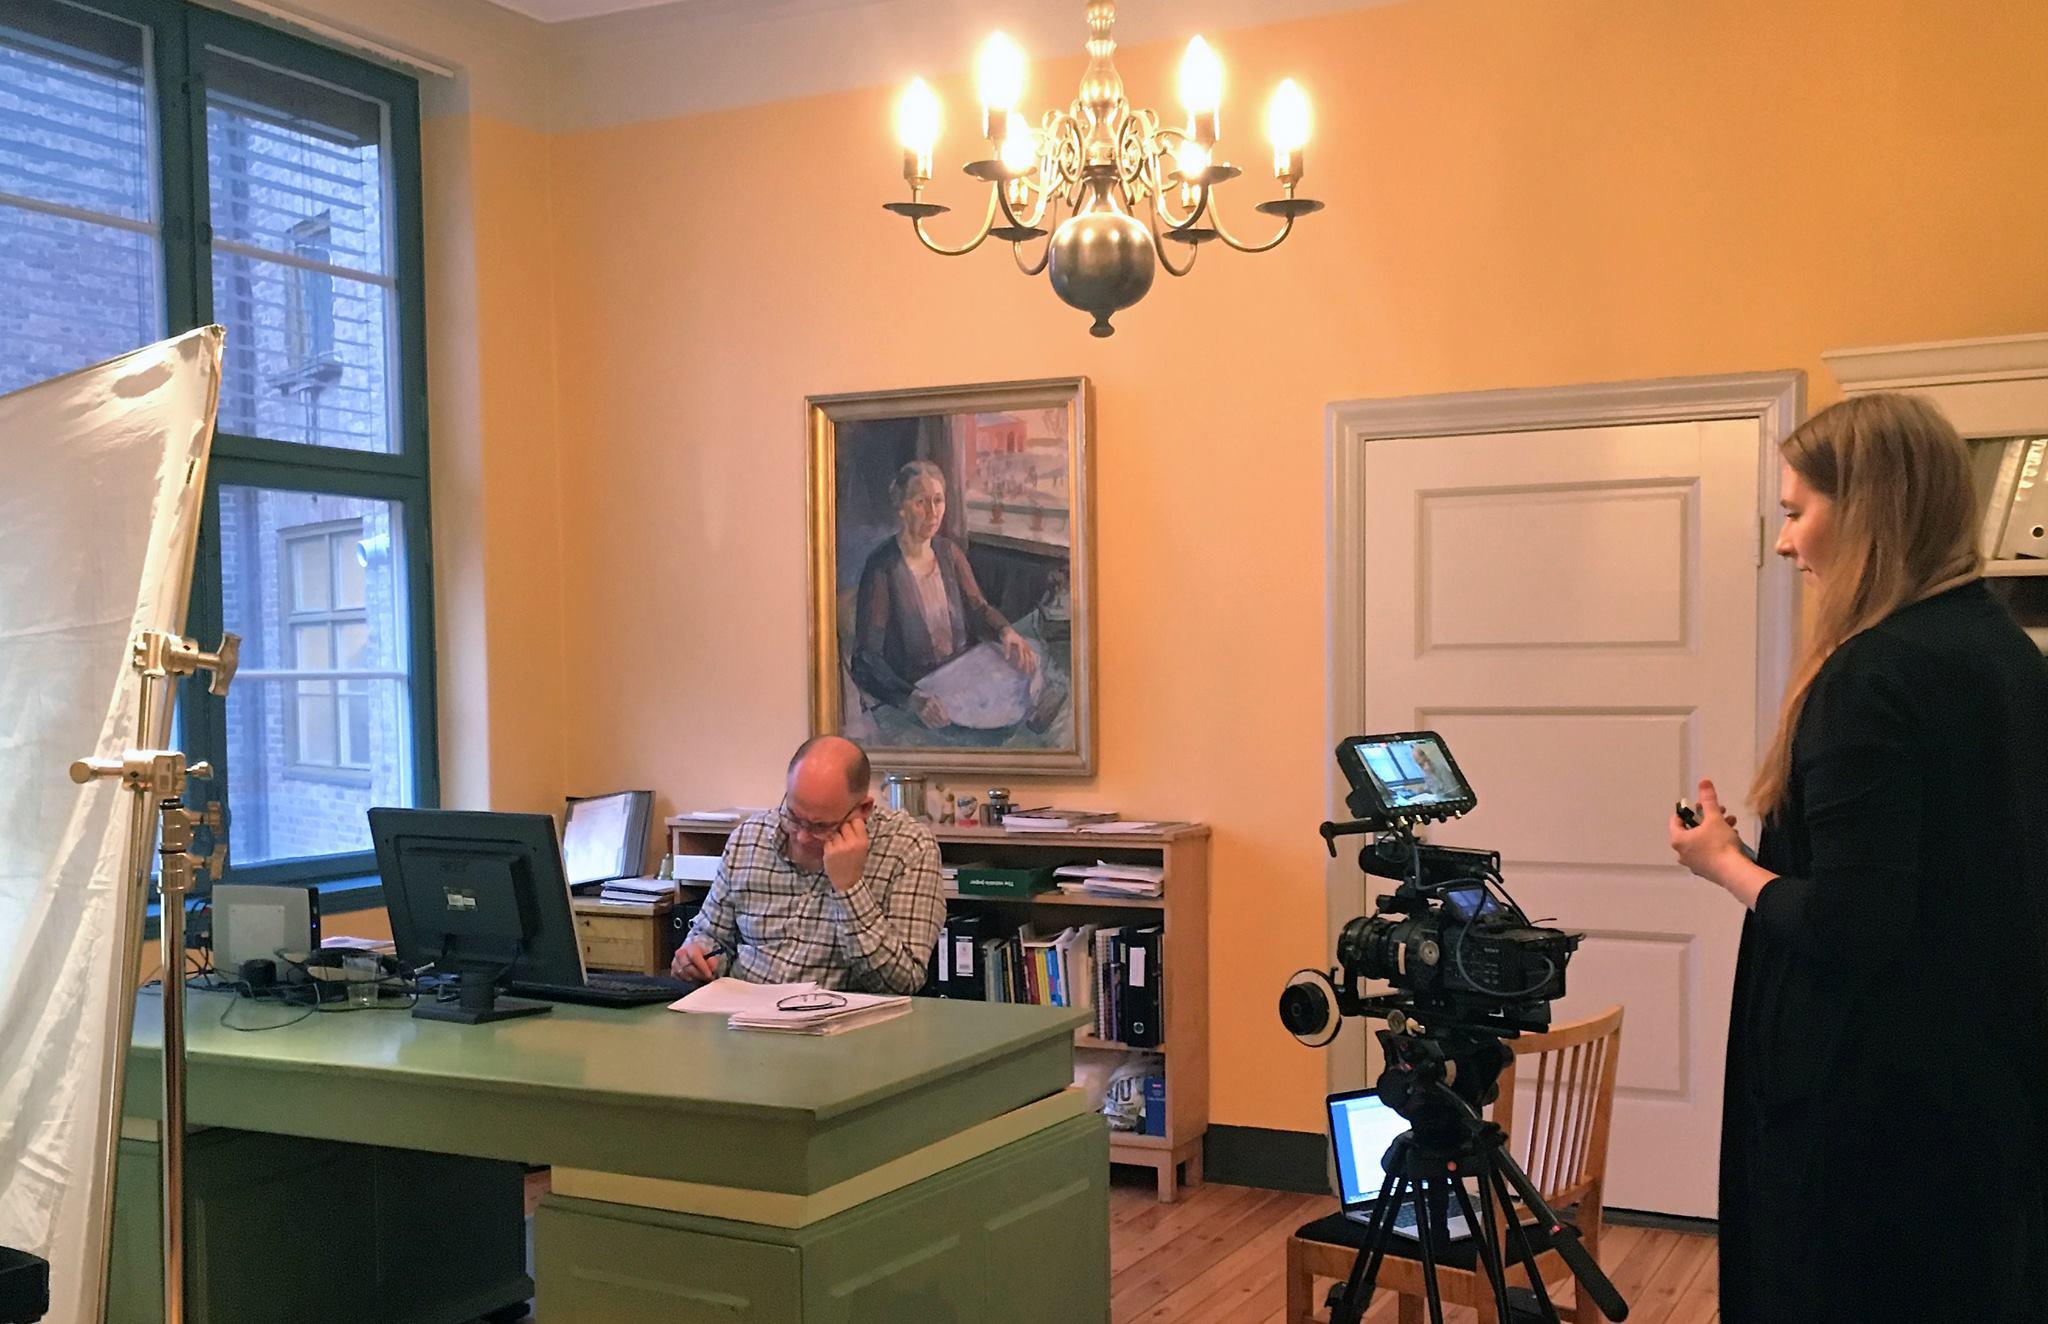 2017 - film om Skeiv kunnskaps innsats i skolen spilles inn. Regi Monica Aasen.